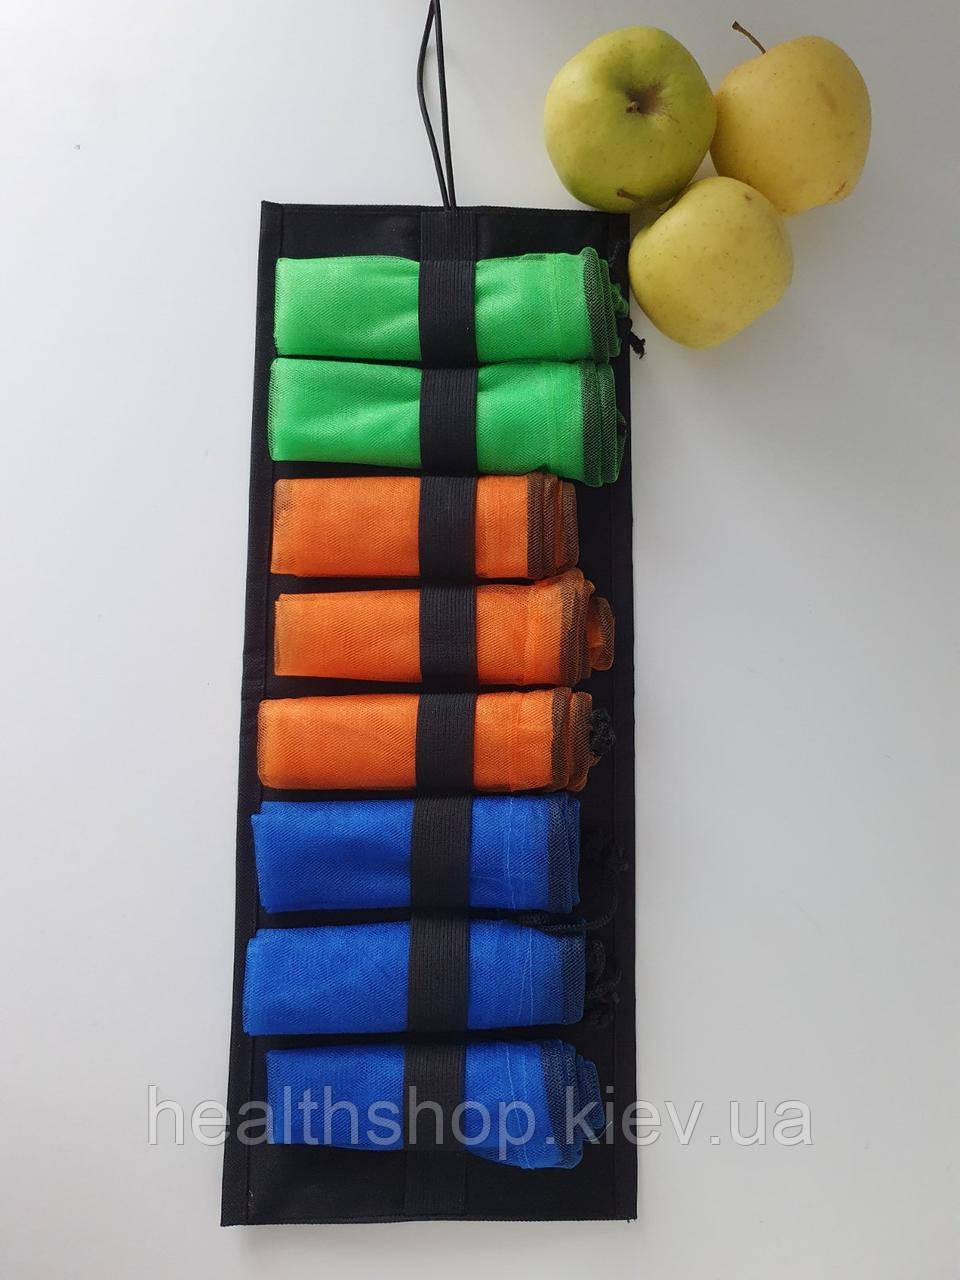 Многоразовые мешочки для продуктов XL, эко мешочки, сетки для овощей и фруктов 8 шт. (+ органайзер)